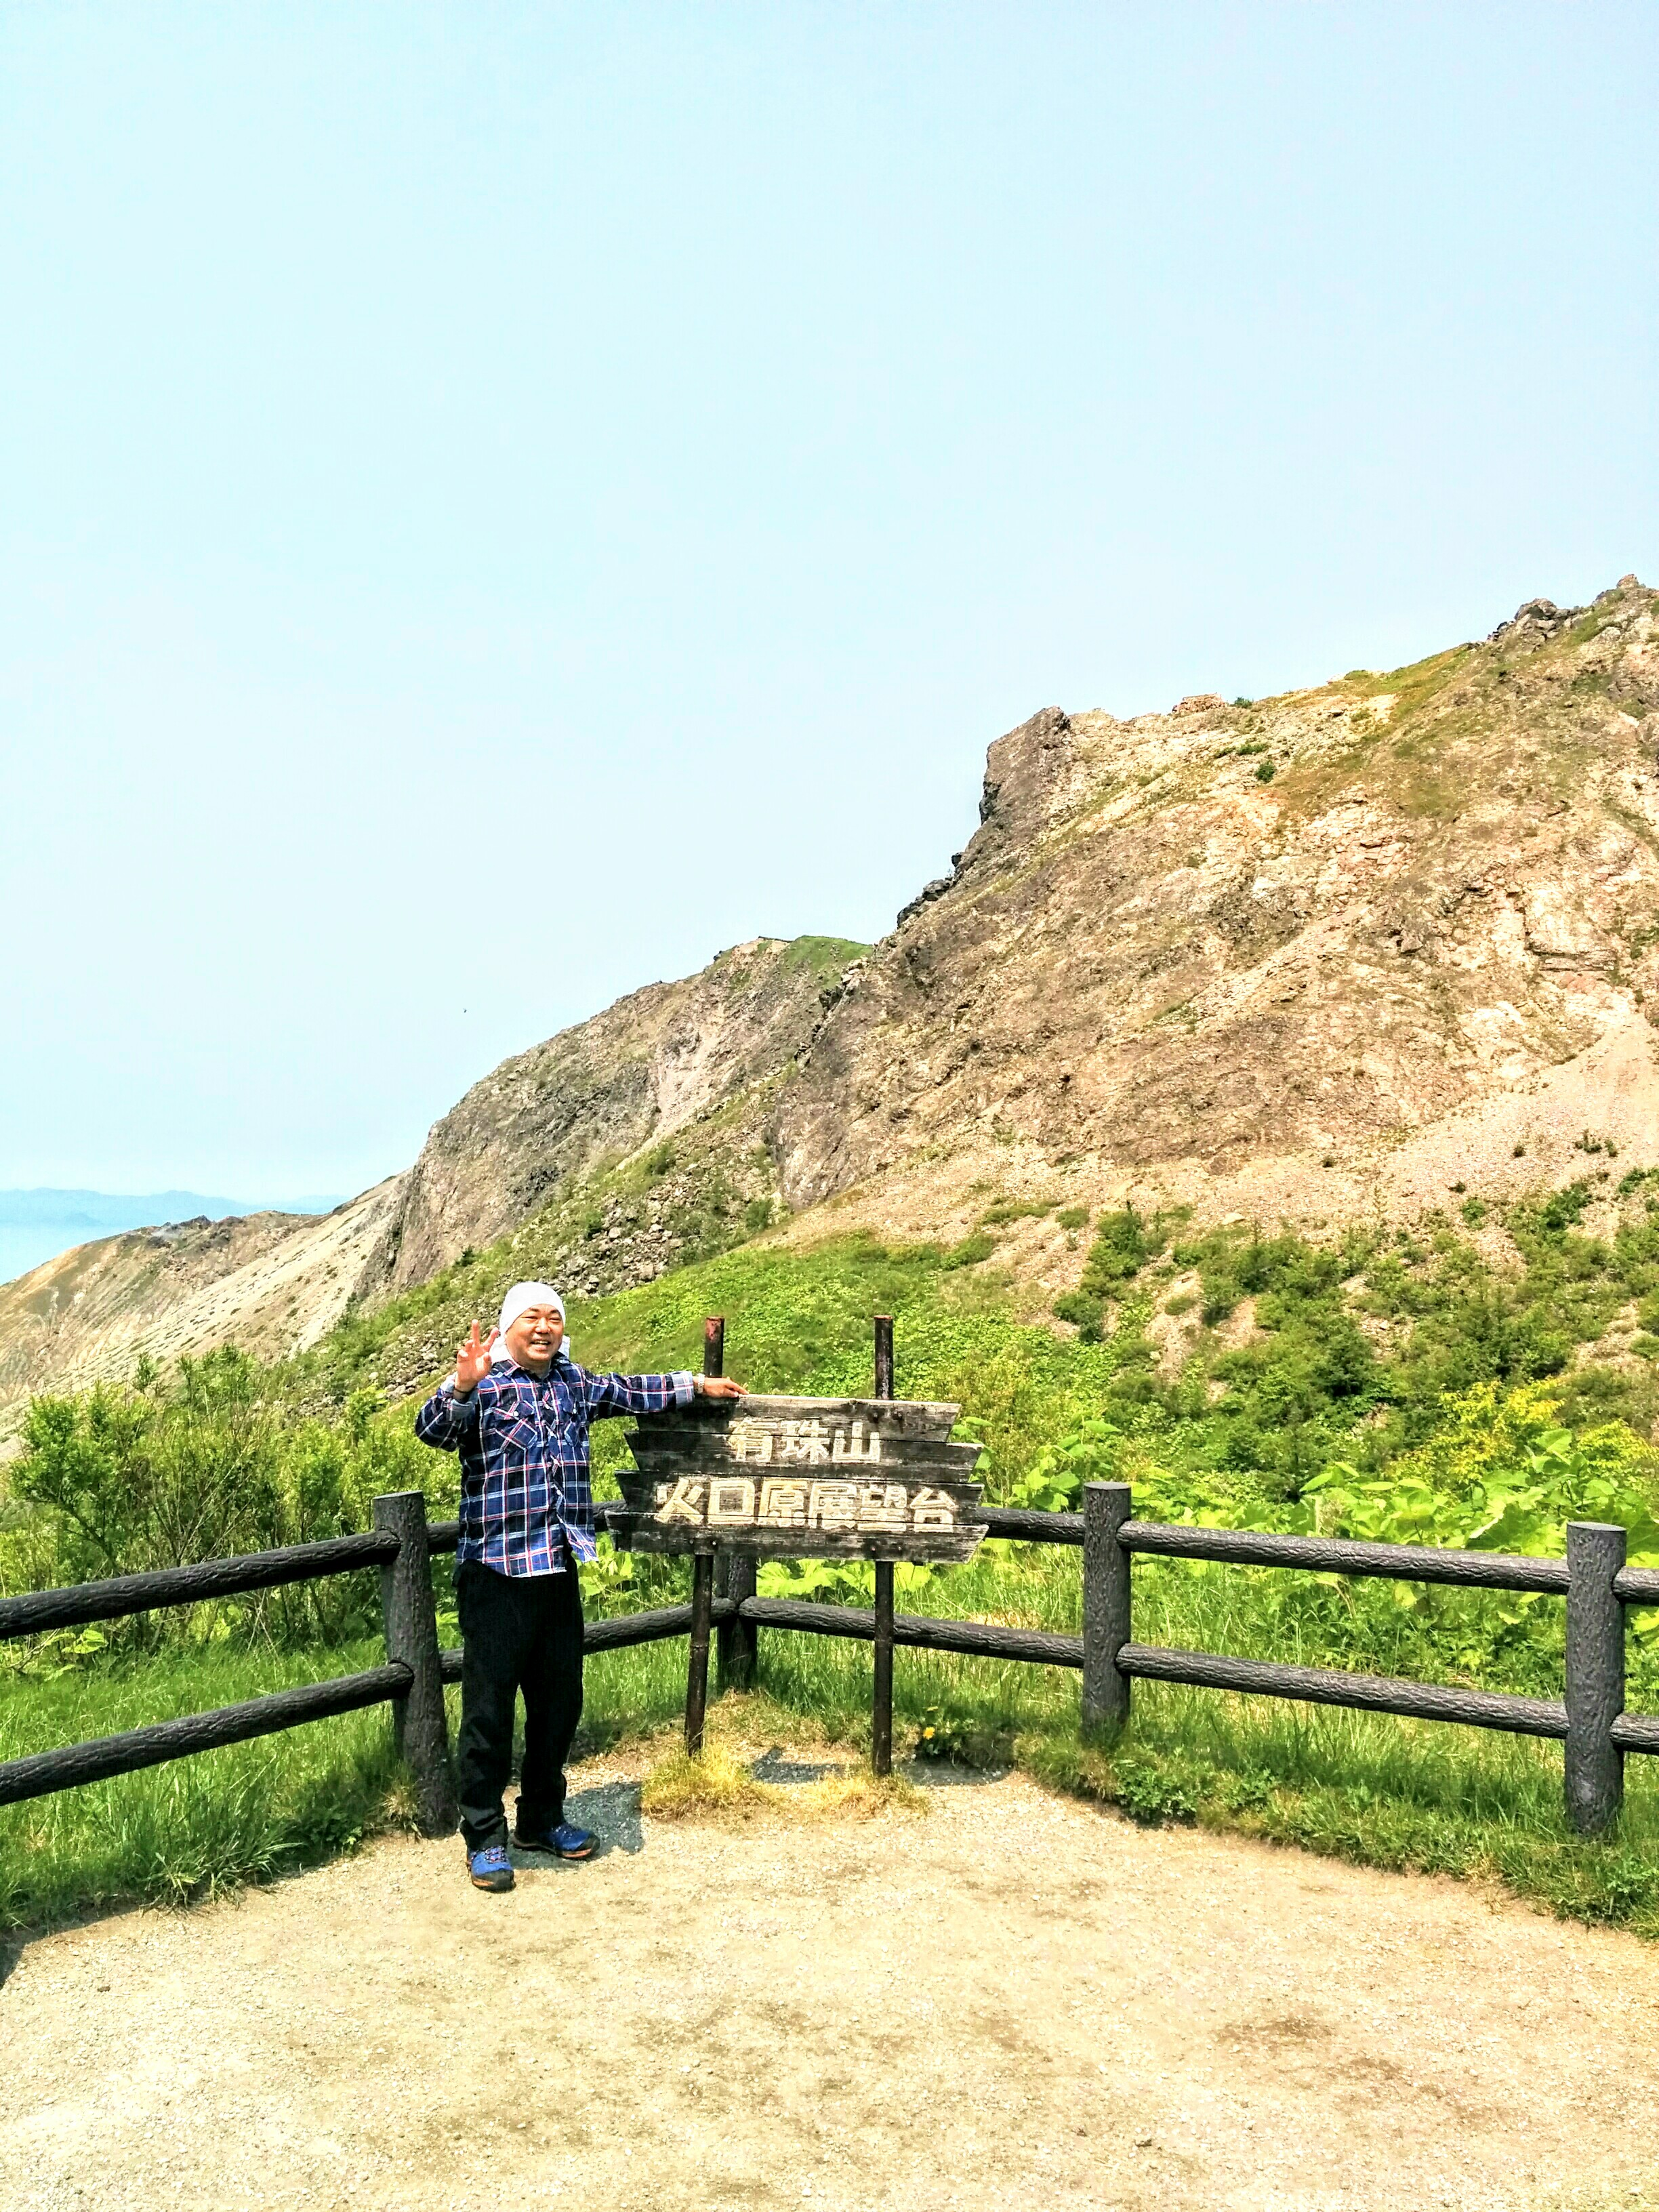 【洞爺湖】有珠山へ登山に行って来ました。